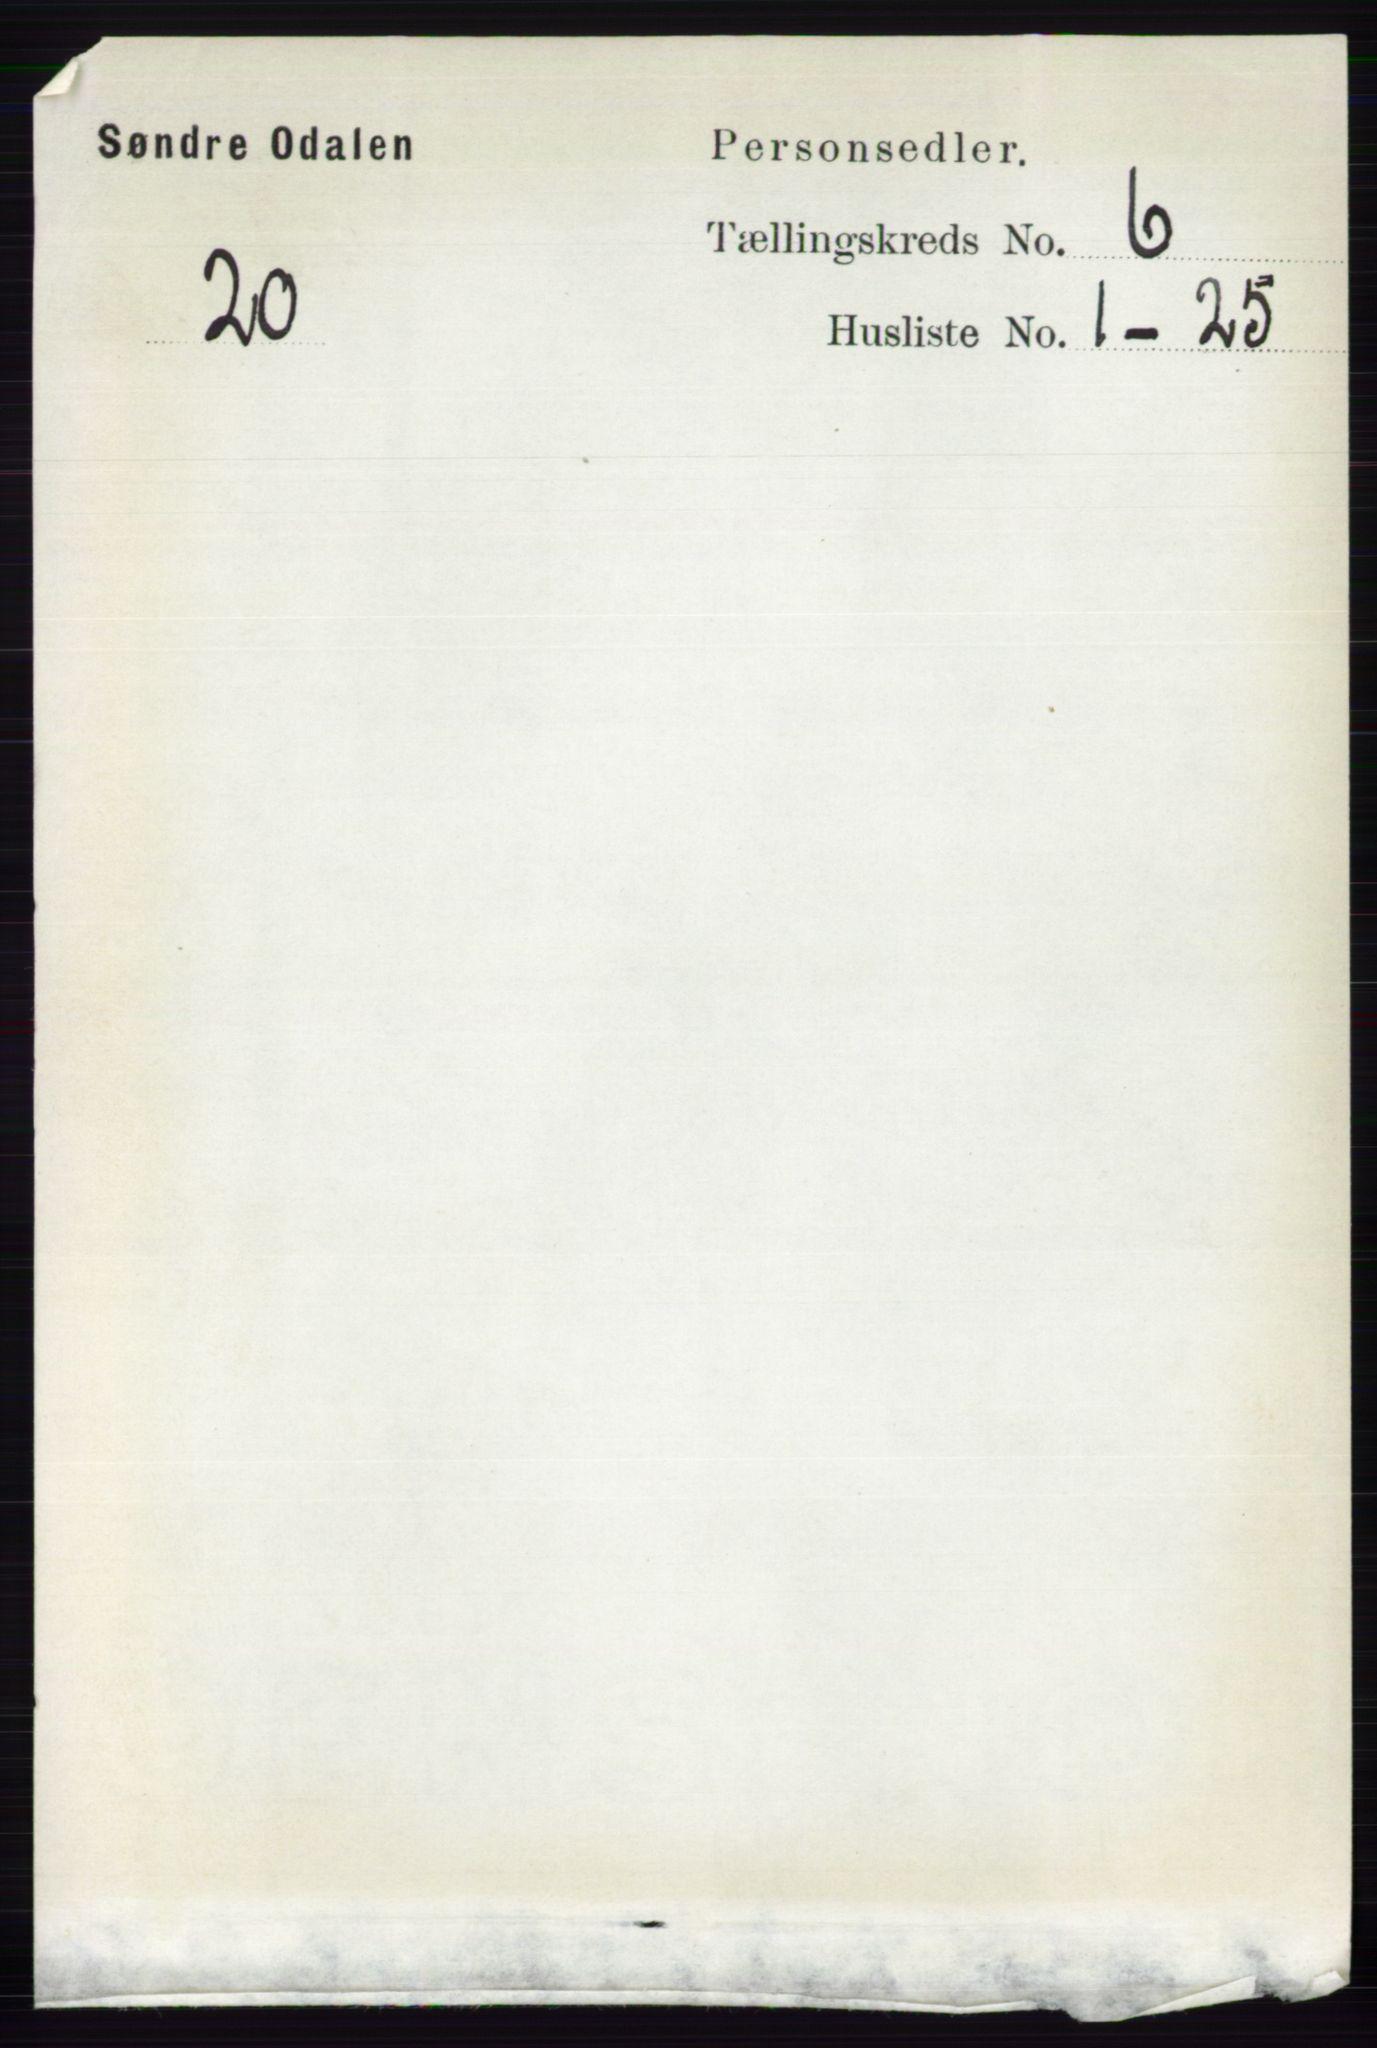 RA, Folketelling 1891 for 0419 Sør-Odal herred, 1891, s. 2794